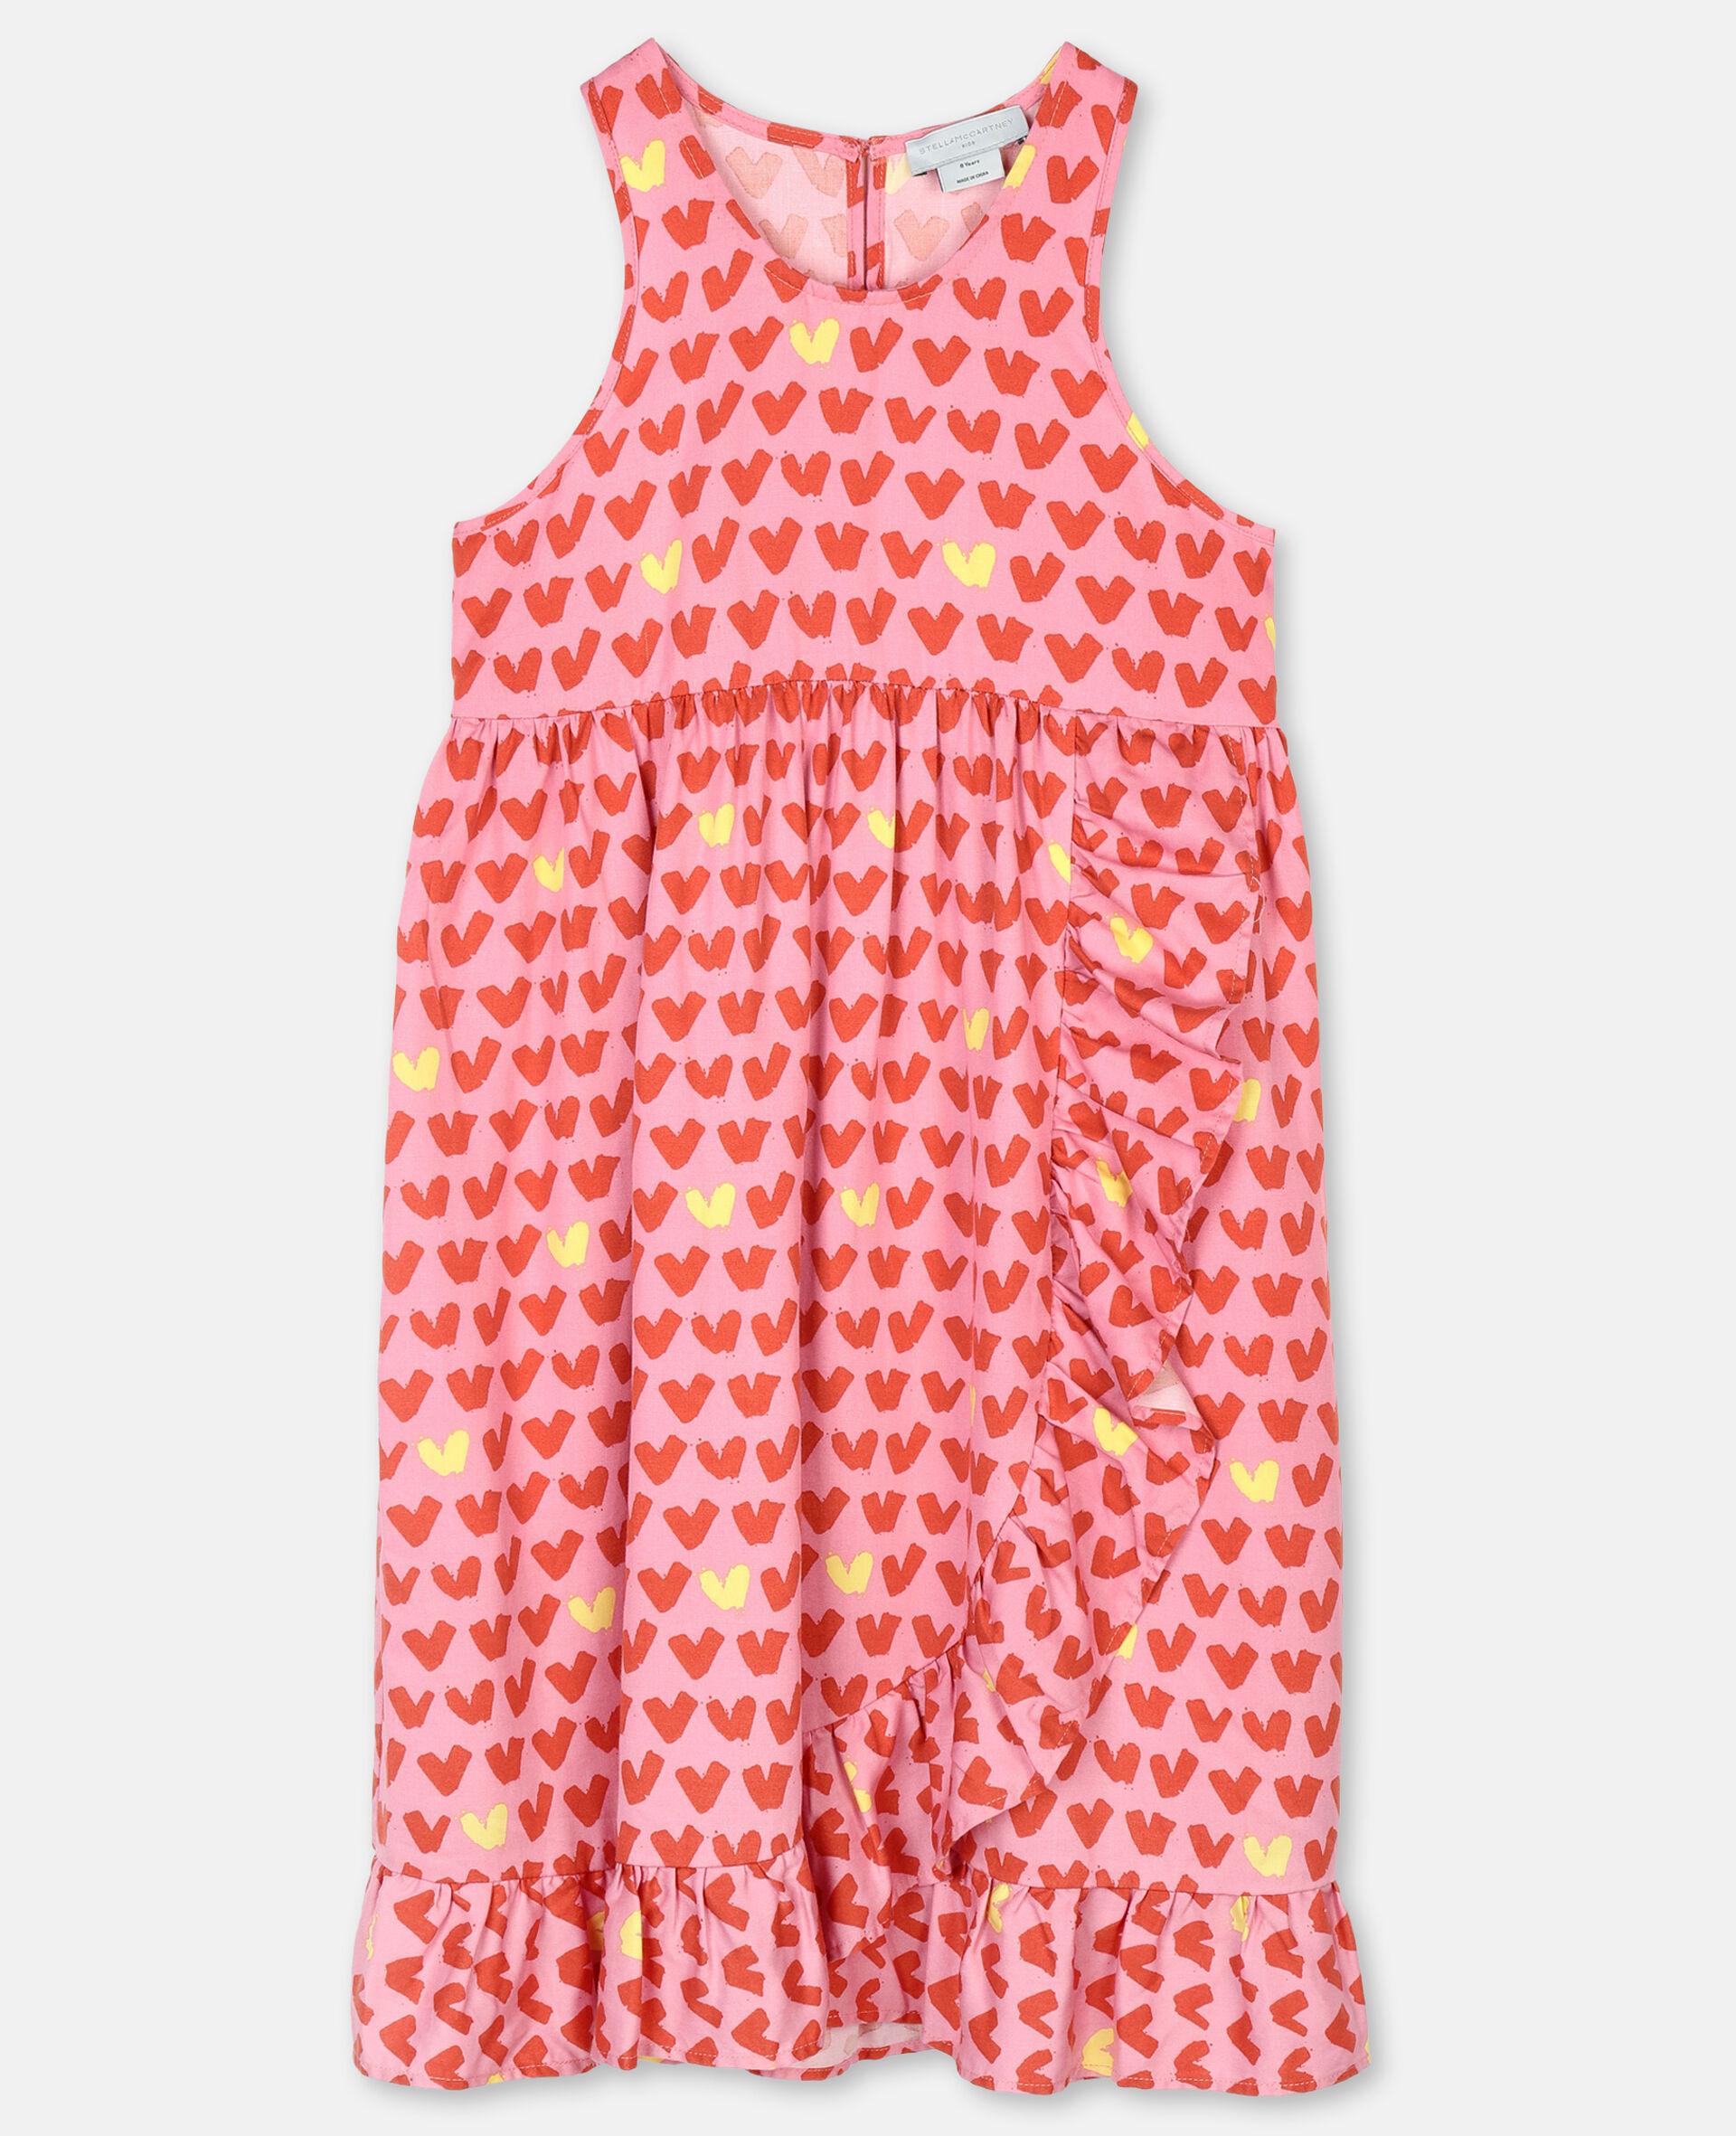 Kleid aus Viskose-Twill mit Herzen-Rose-large image number 0